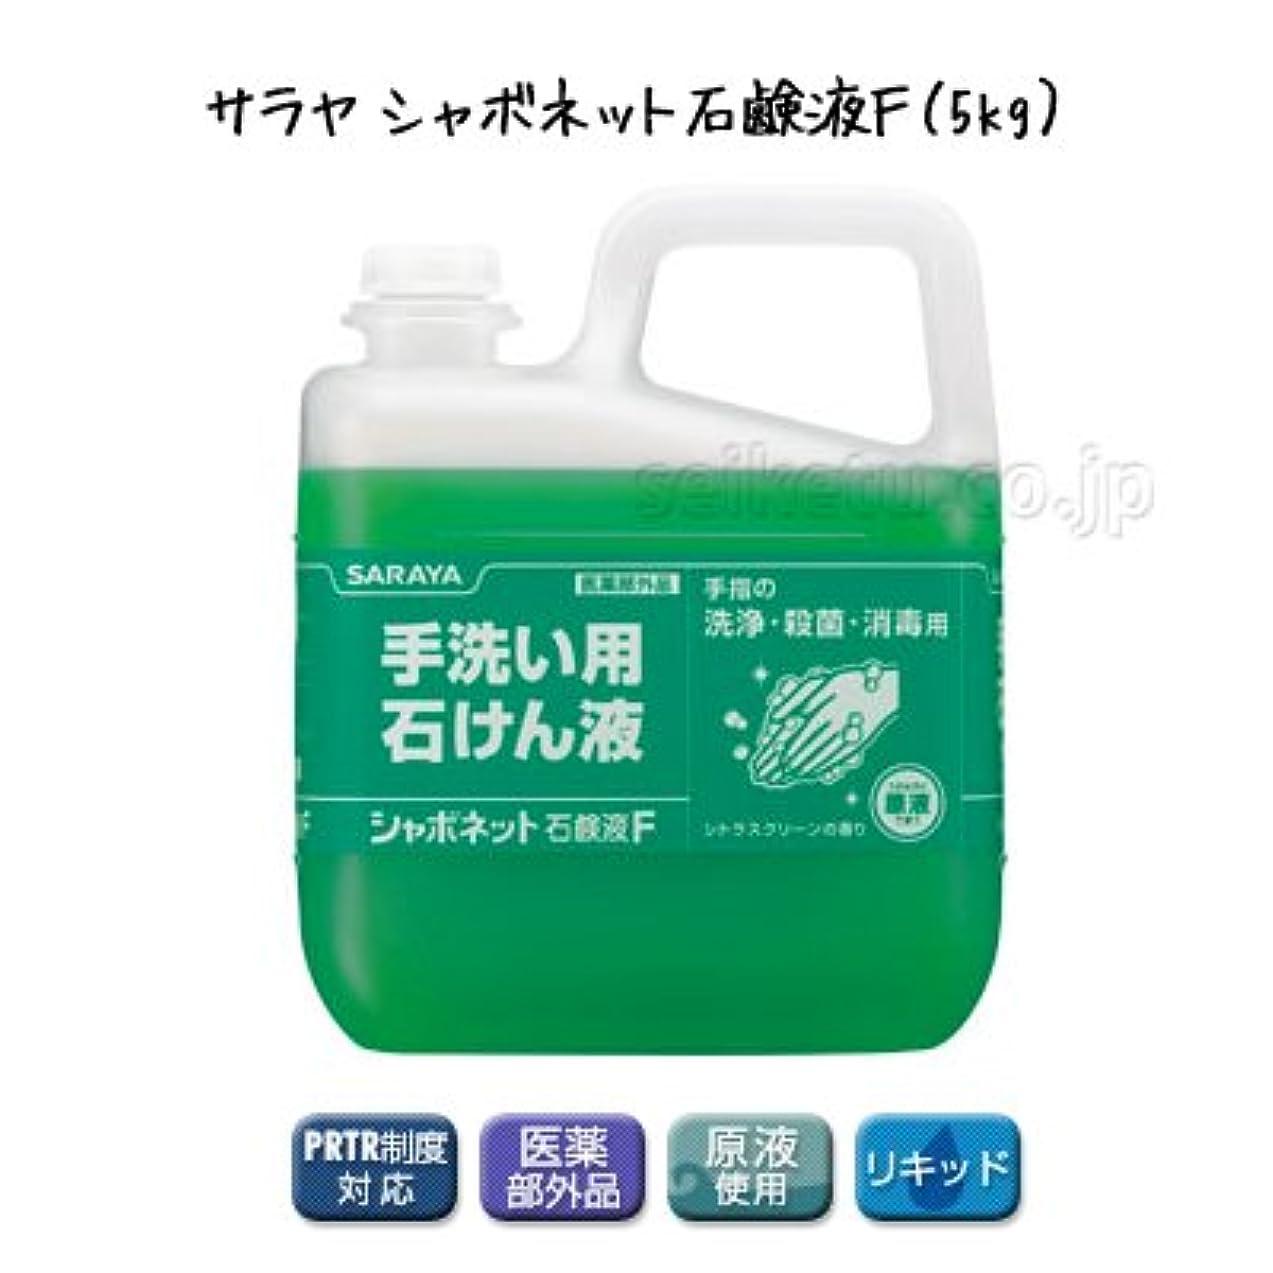 原始的なほんの到着する【清潔キレイ館】サラヤ シャボネット石鹸液F(5kg)